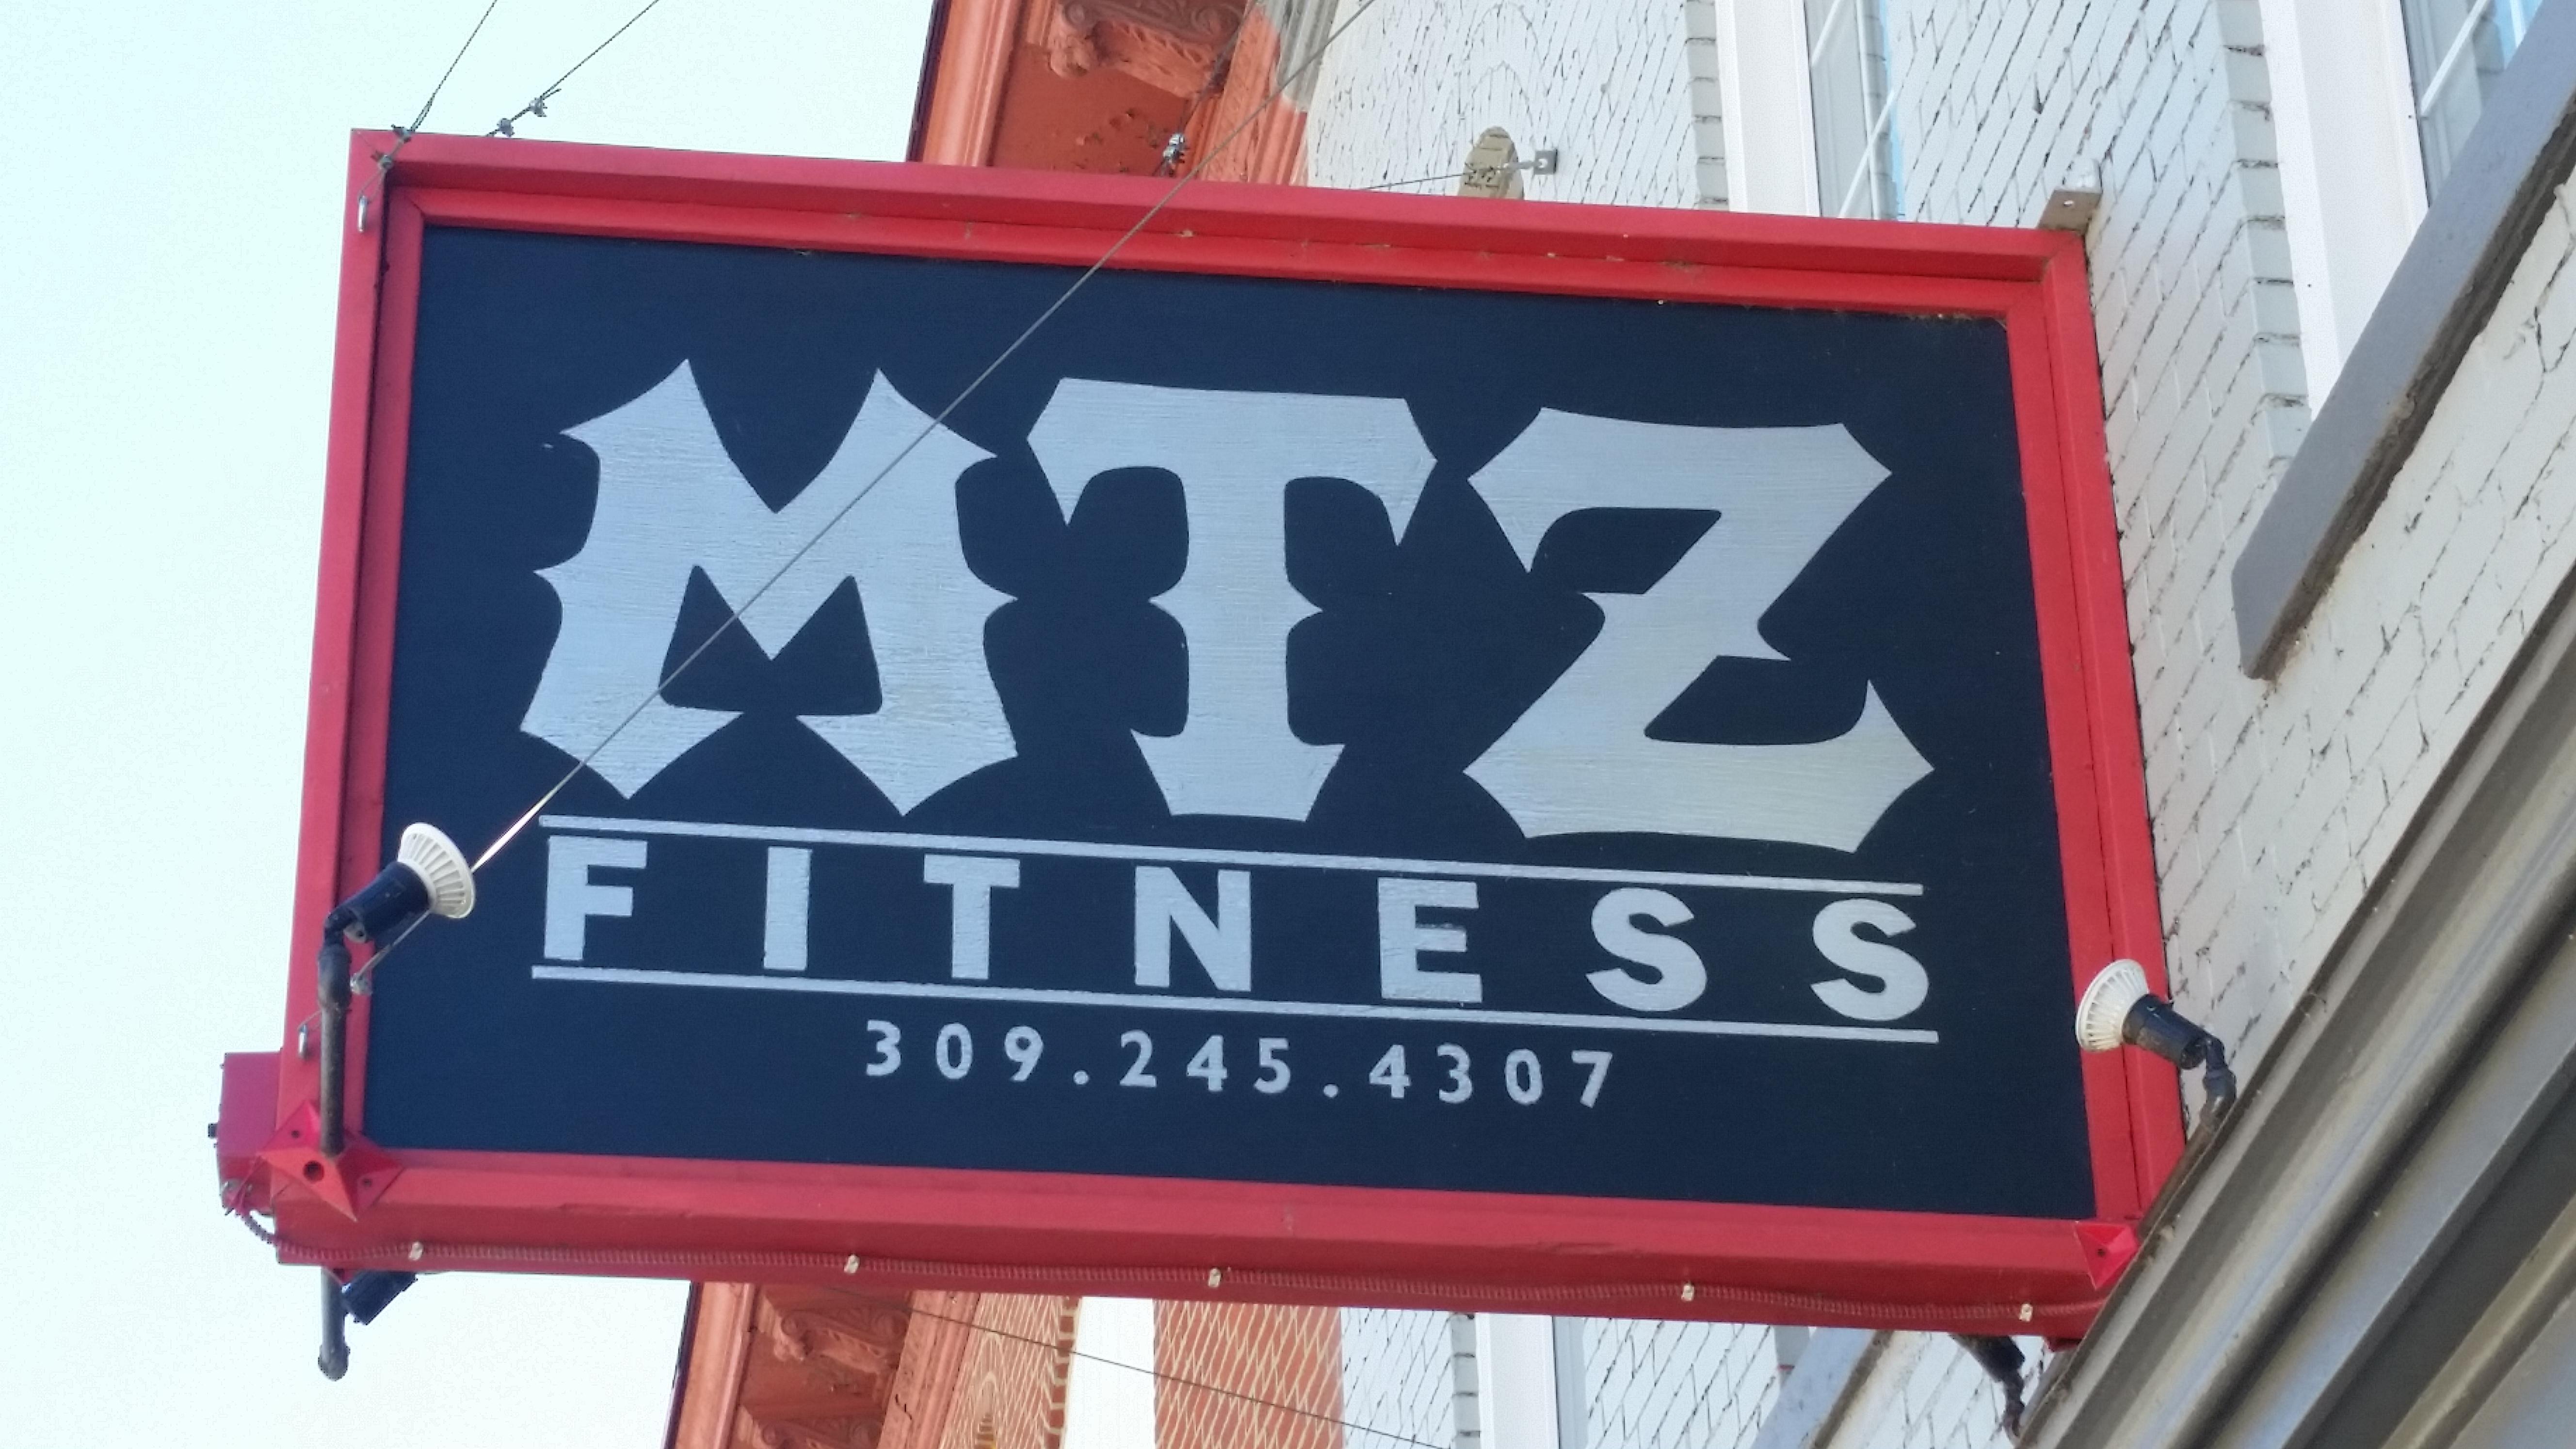 Mtz Fitness